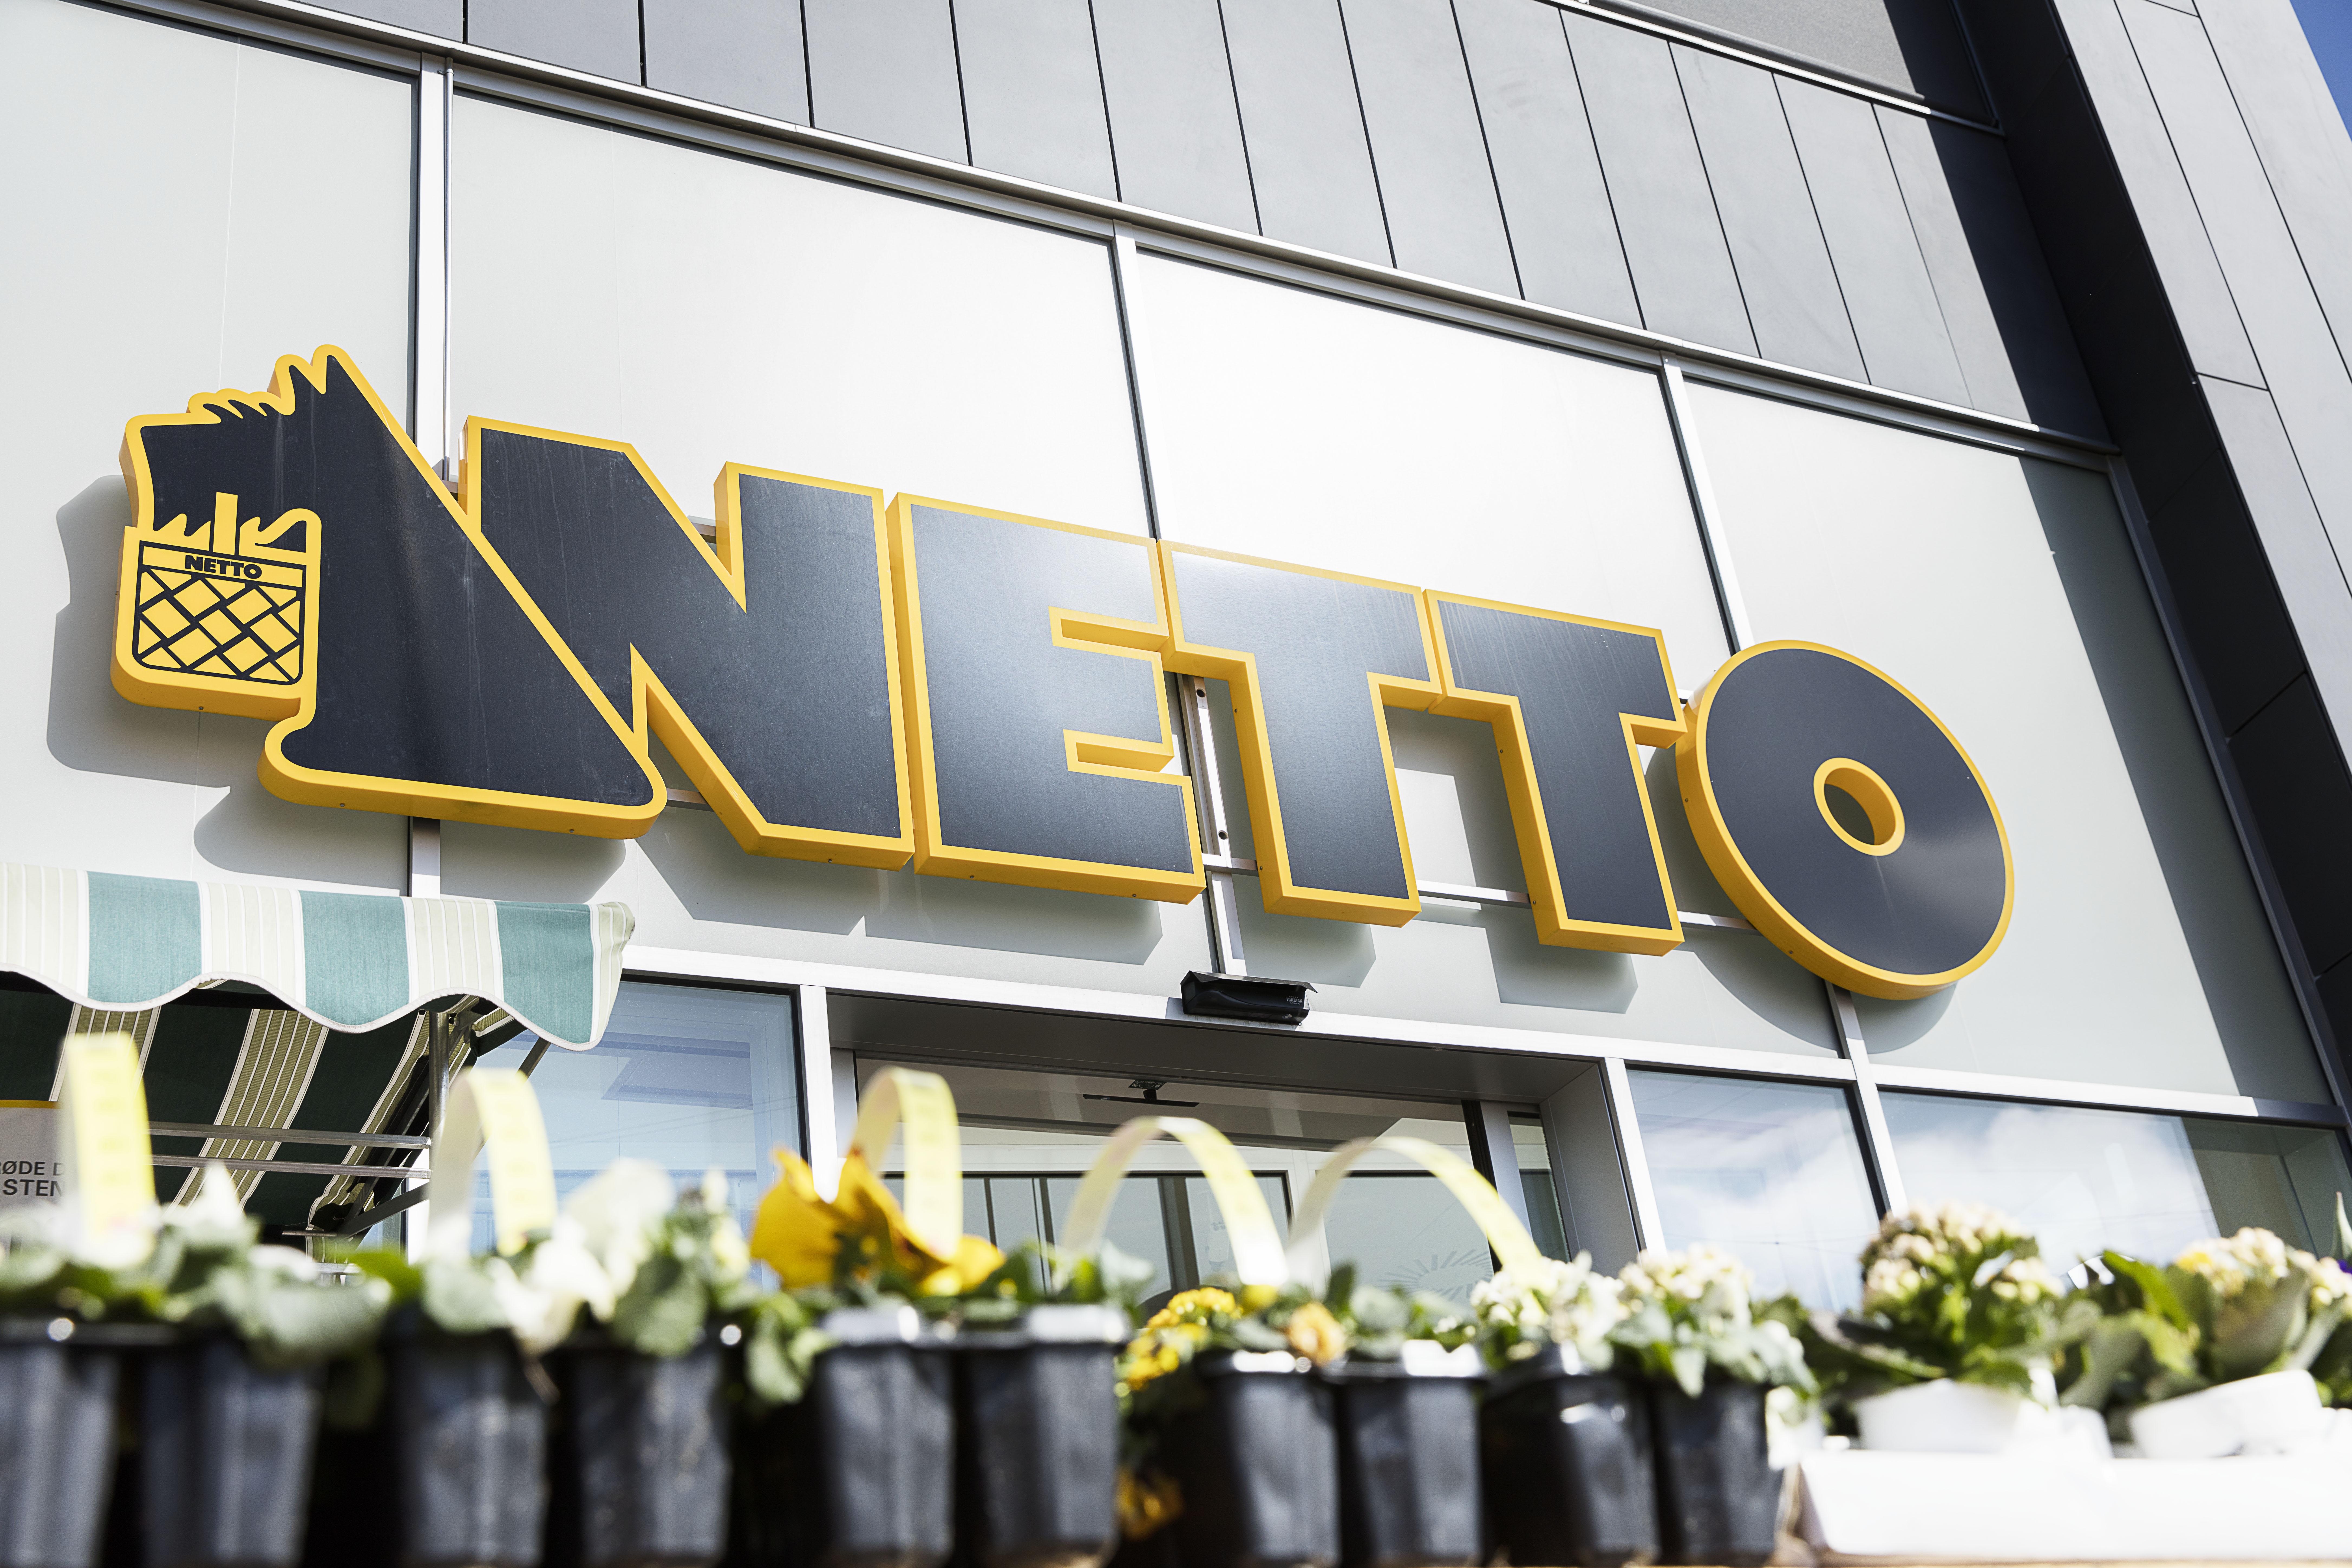 Netto, dansk supermarked, WWF, nyheder, news, plastikposer, forurening, miljøvenlig, pant, handle, handler